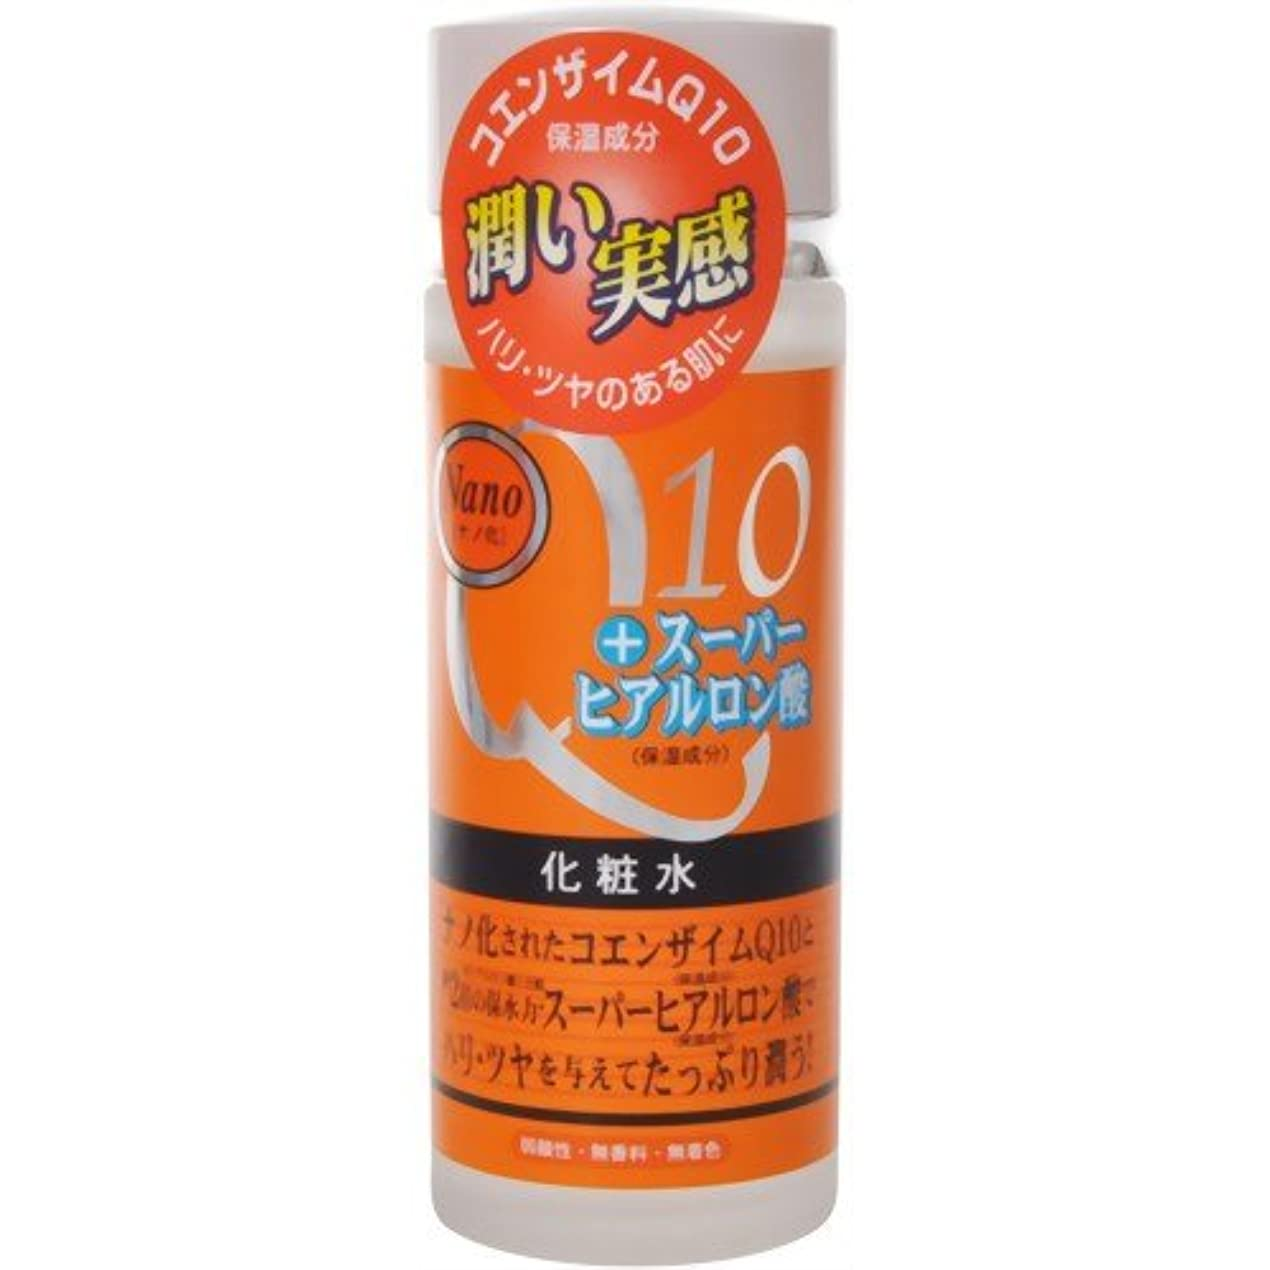 ゴールデンおとなしいキルトナノ化?コエンザイムQ10&スーパーヒアルロン酸化粧水 120ml